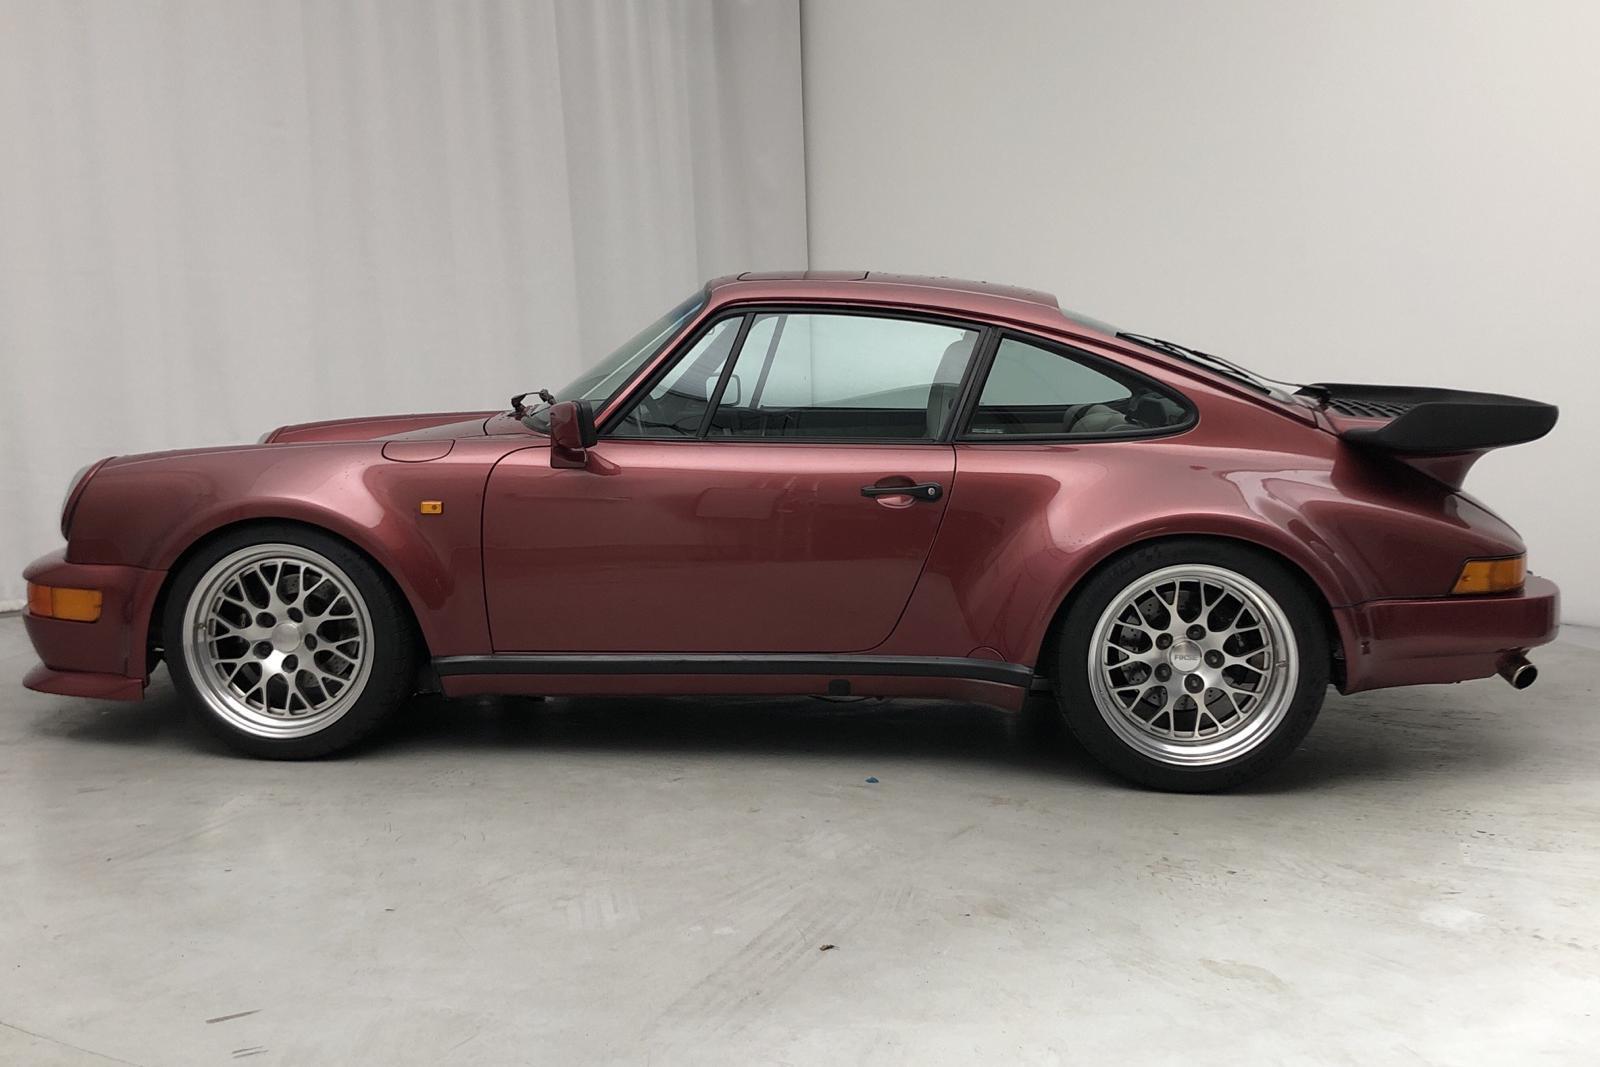 Porsche 911 / 930 3.3 Turbo (289hk) - 72 000 km - Manual - Dark Red